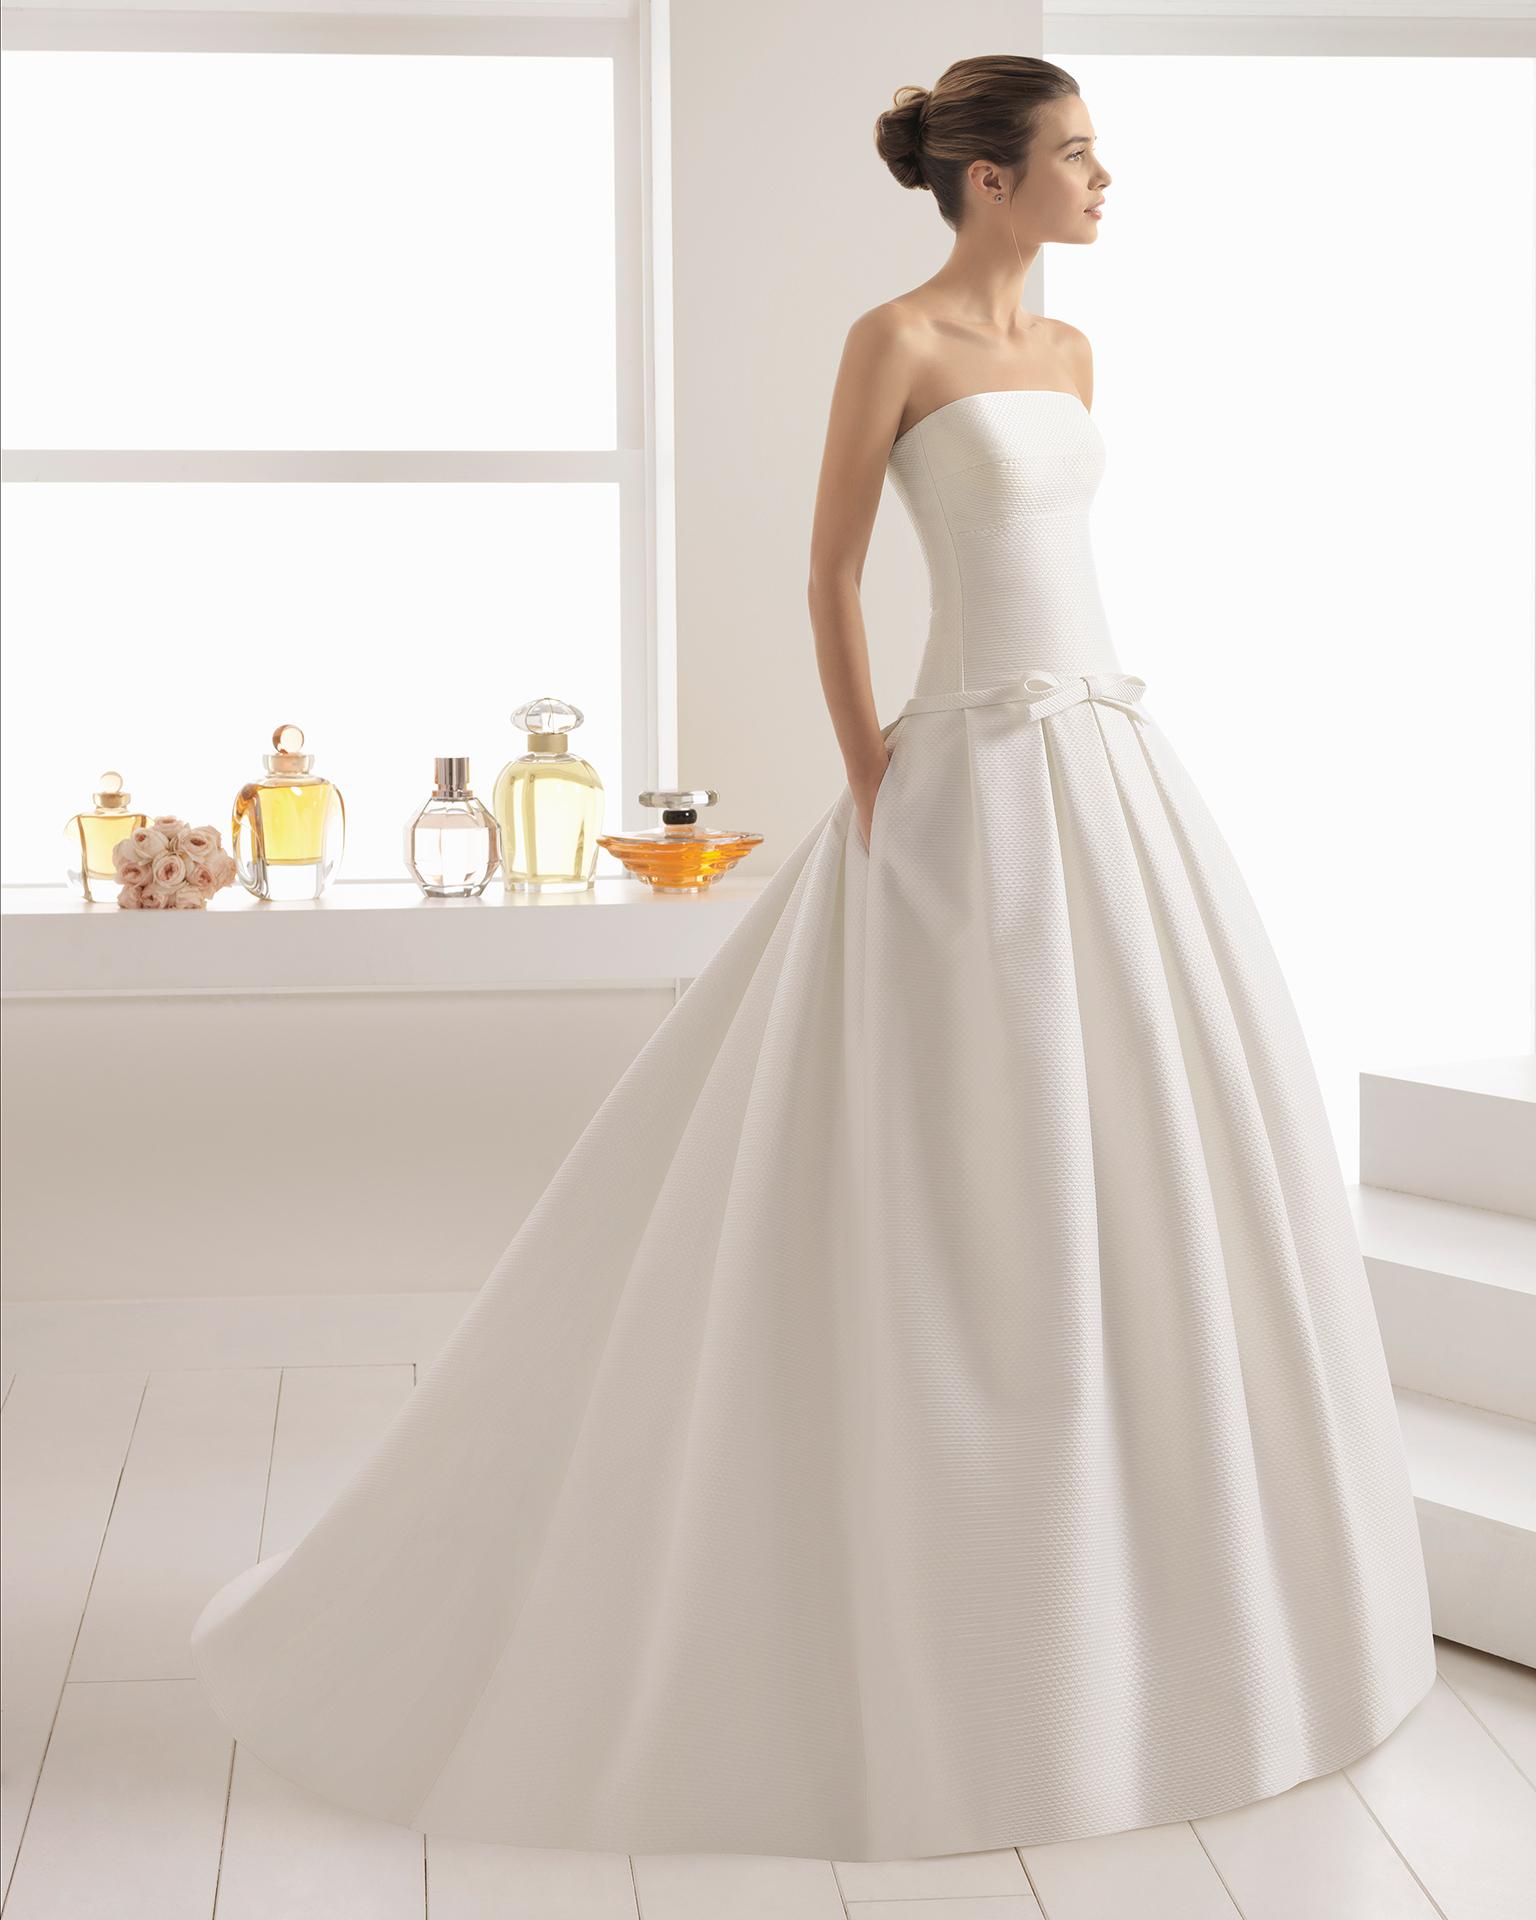 Klassisches Brautkleid aus Capri, schulterfrei, Schleife an der Taille, Taschen.